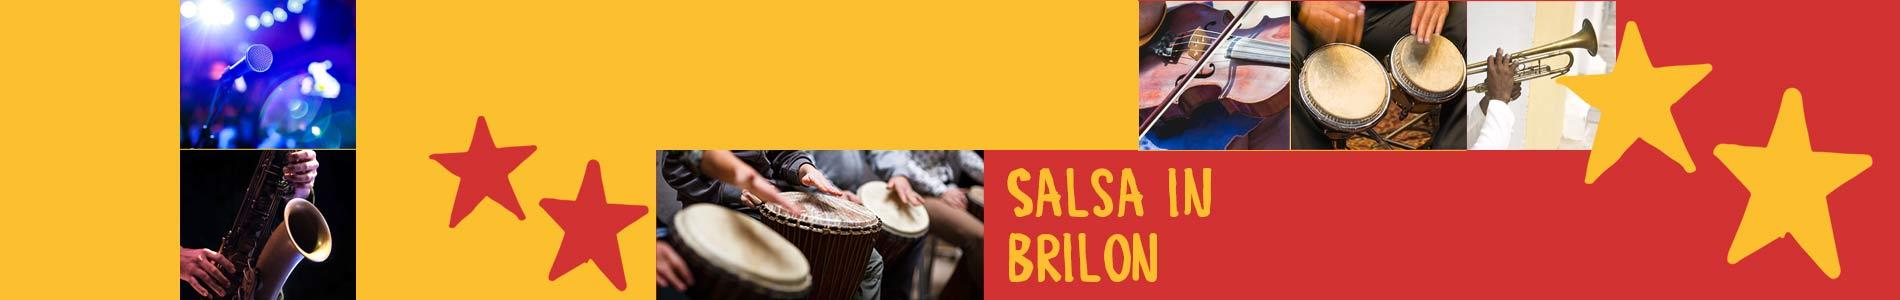 Salsa in Brilon – Salsa lernen und tanzen, Tanzkurse, Partys, Veranstaltungen